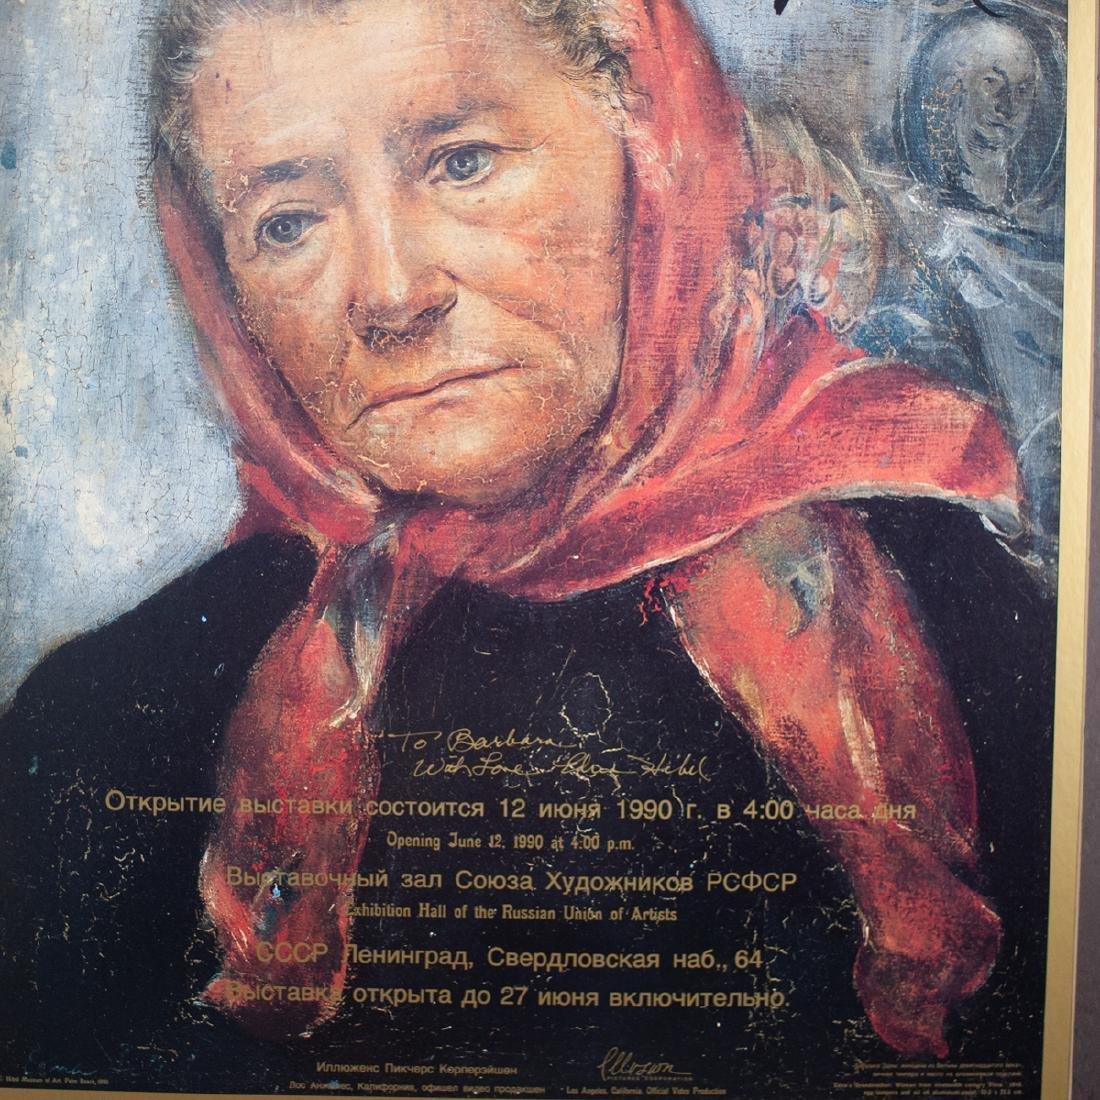 """Edna Hibel 1990 """"A Golden Bridge"""" Poster - 3"""